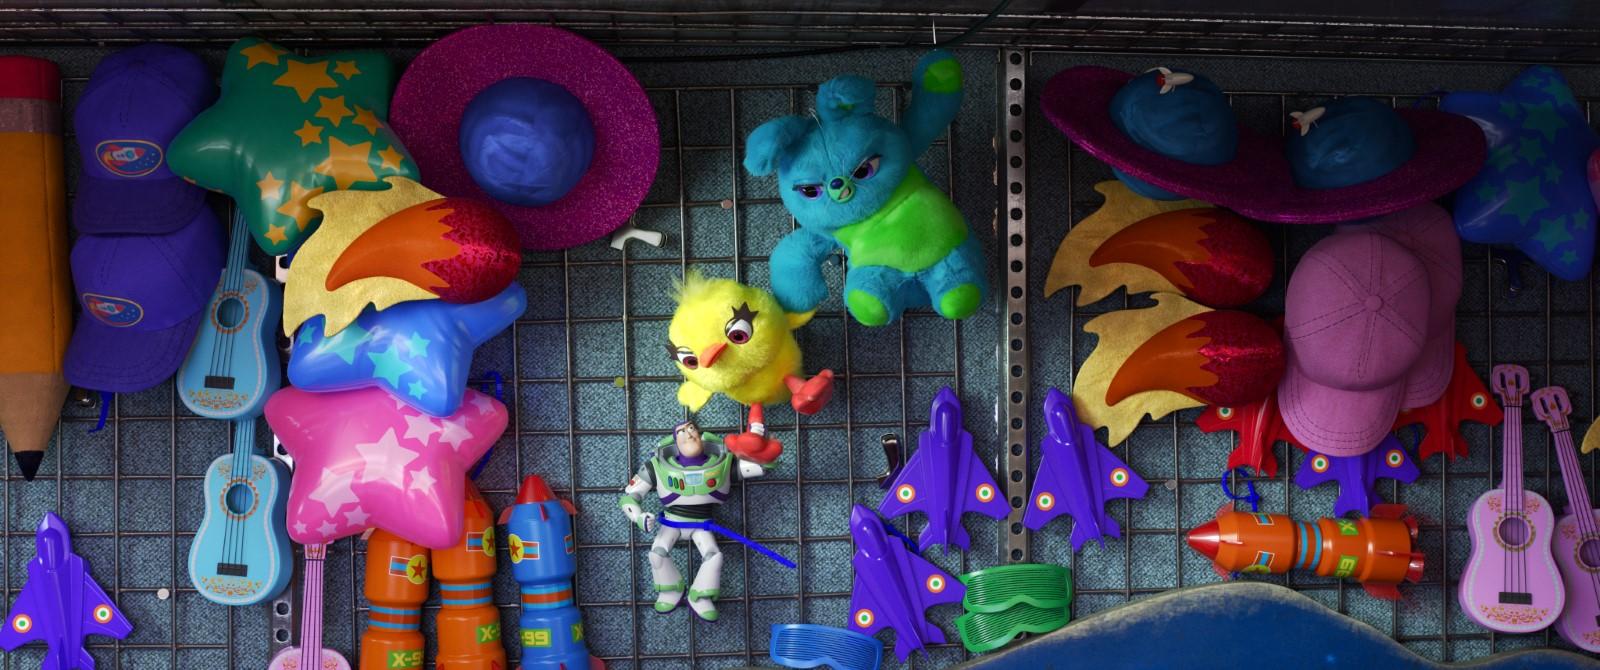 resenha crítica de toy story 4